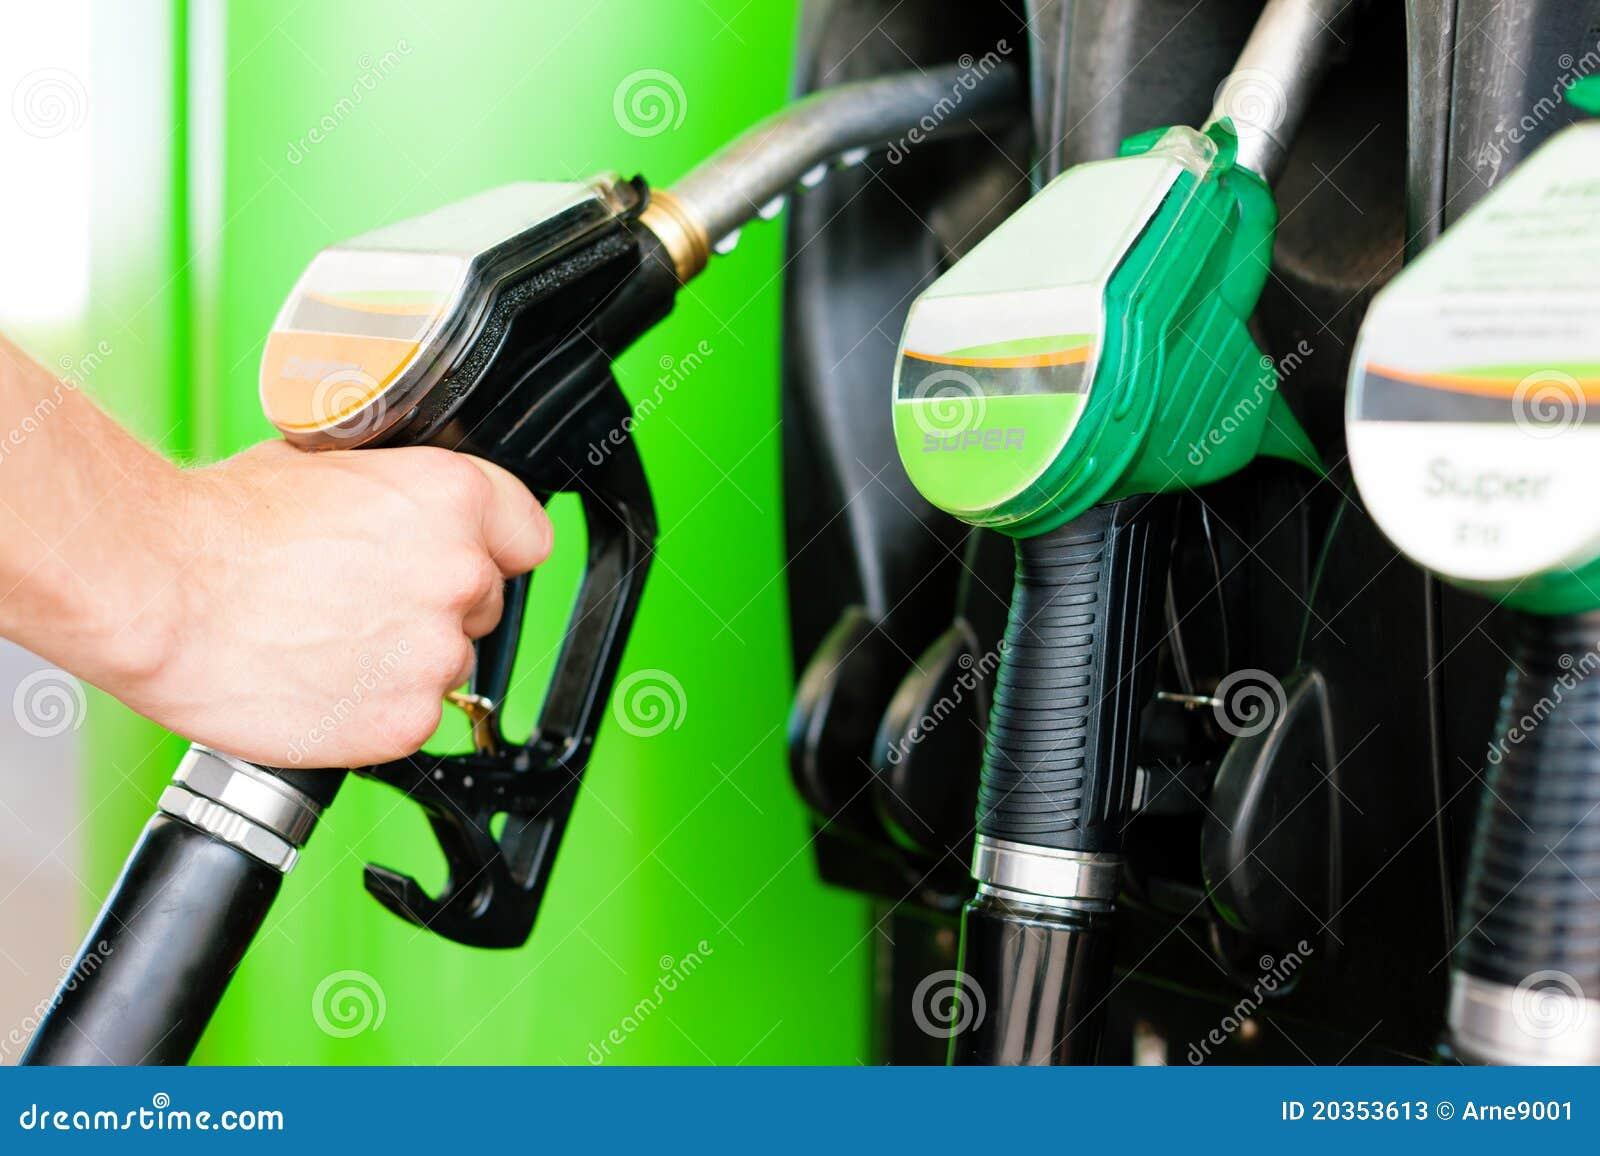 Réapprovisionnez en combustible le véhicule sur une station service